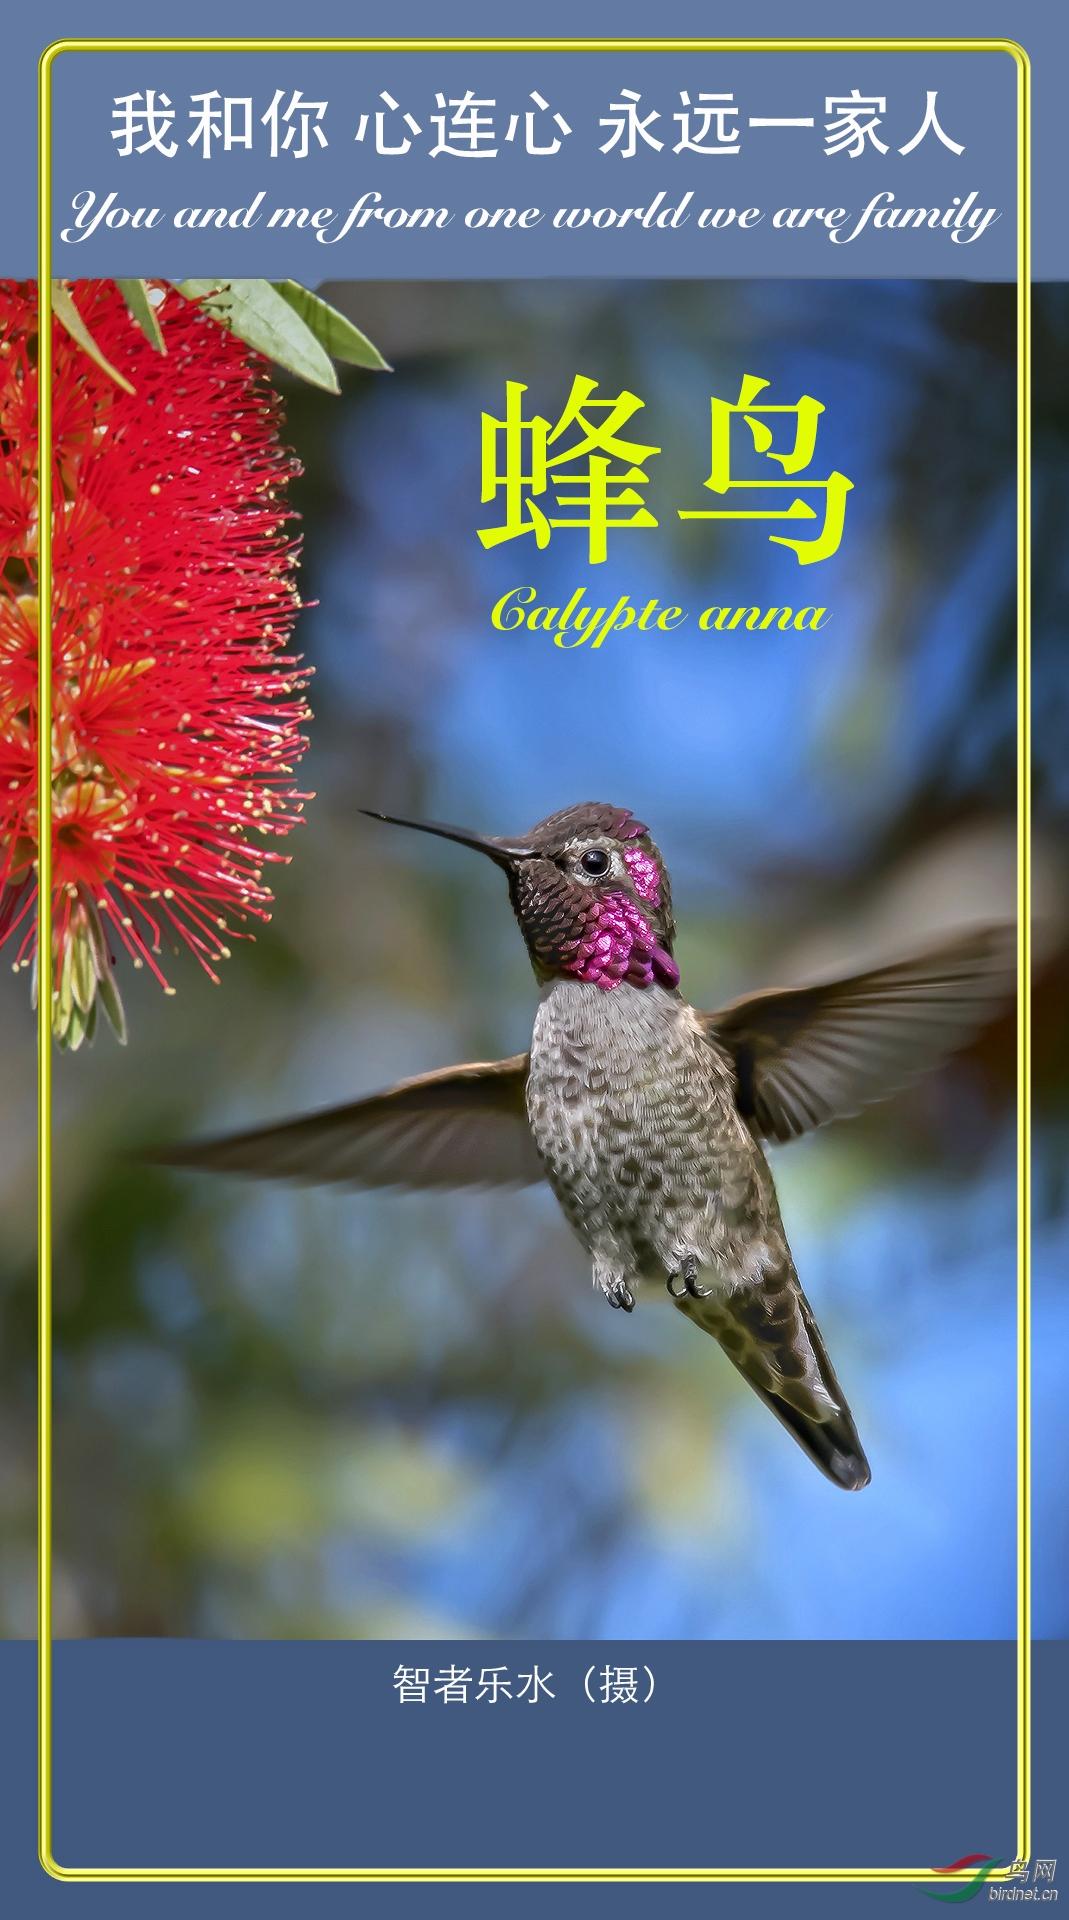 智者乐水DSC_9182b蜂鸟海报2.jpg